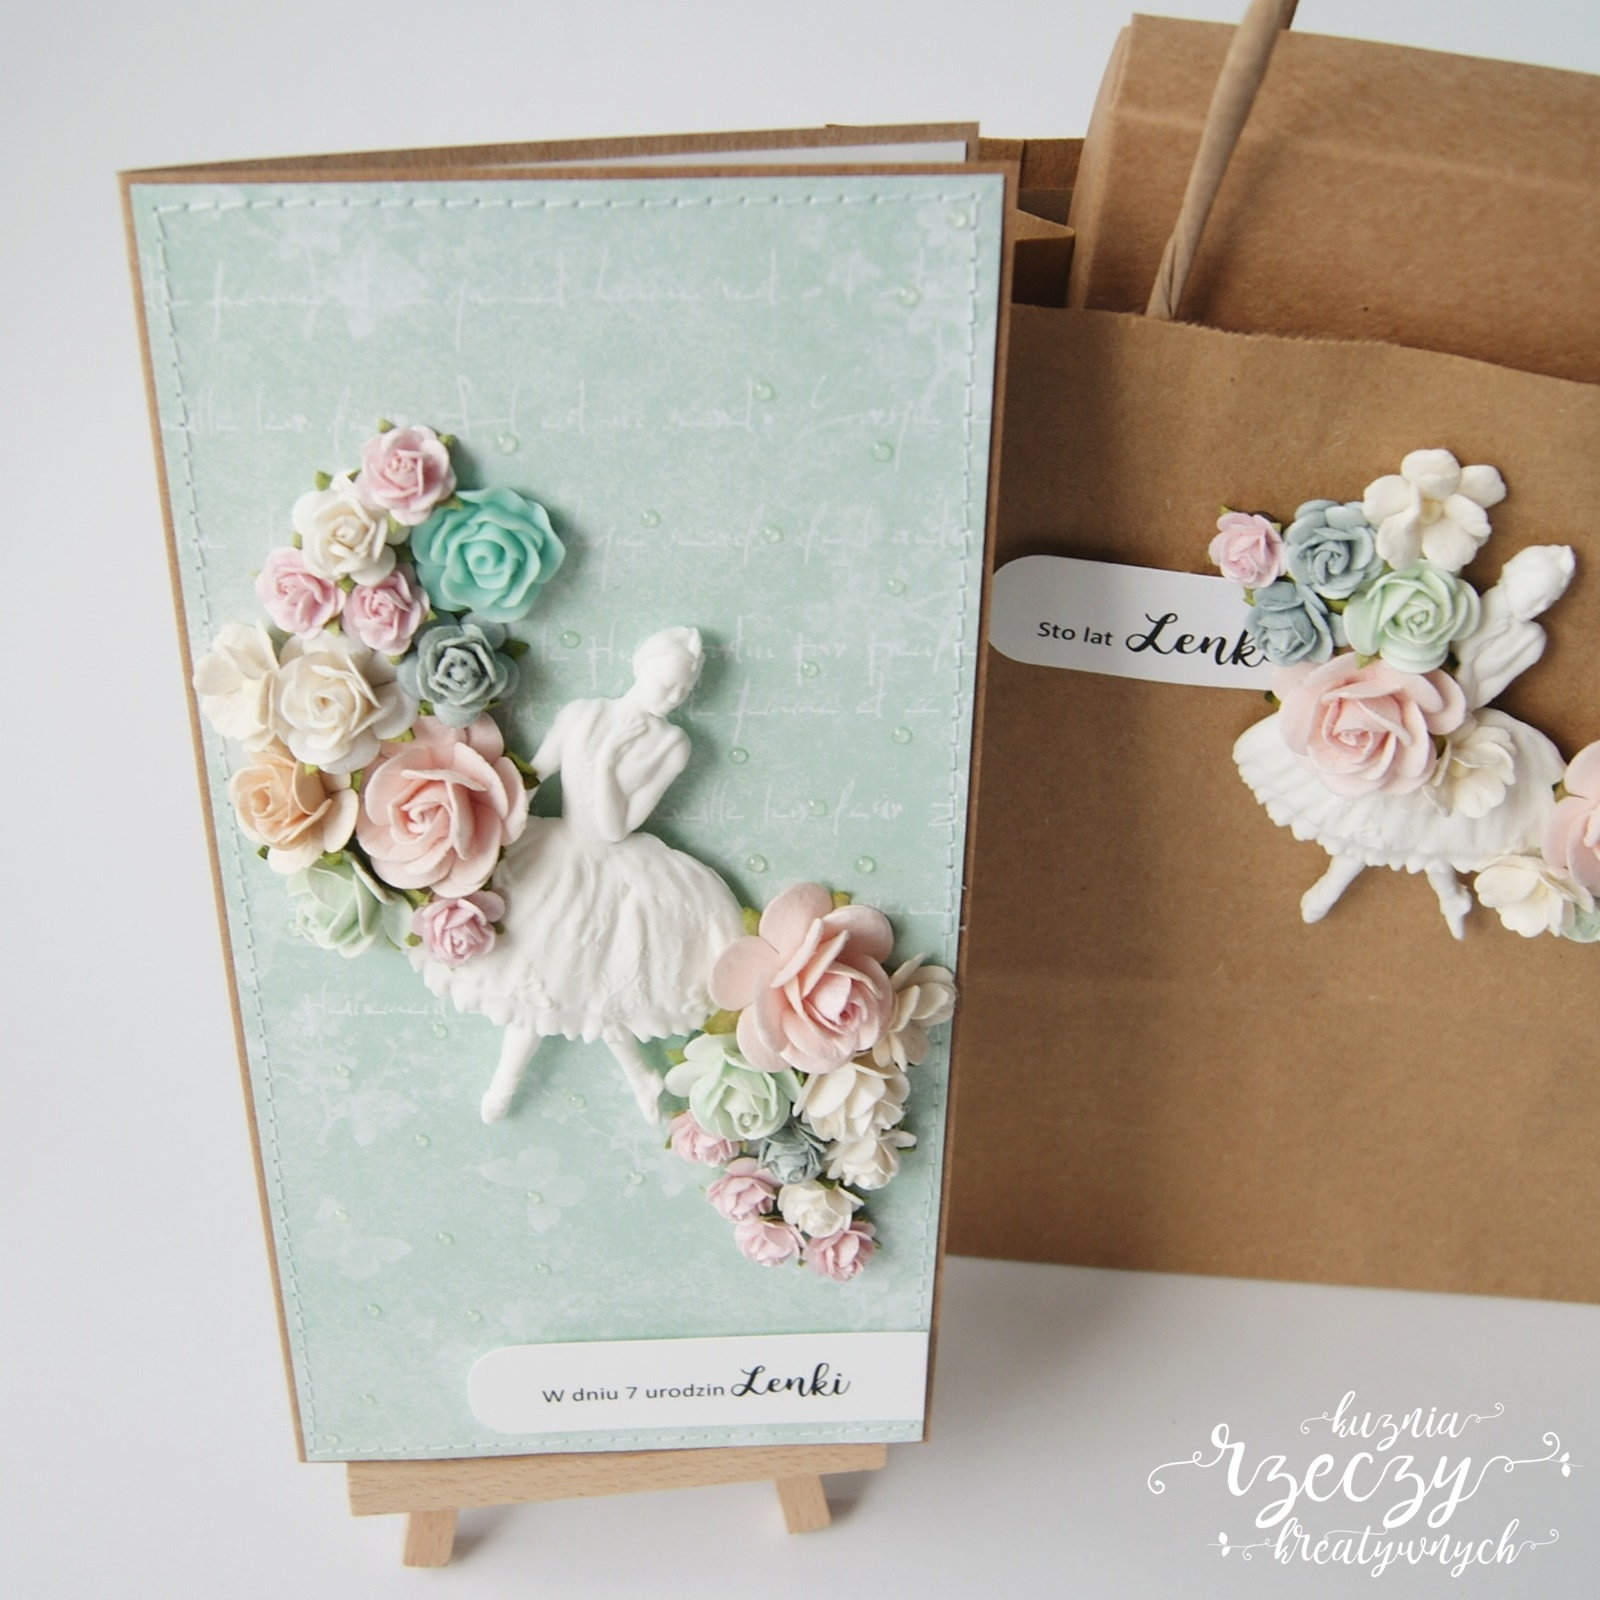 Urodzinowy zestaw dla Lenki: kartka + pudełko + torebka w stylu eko w pastelowej kolorystyce.